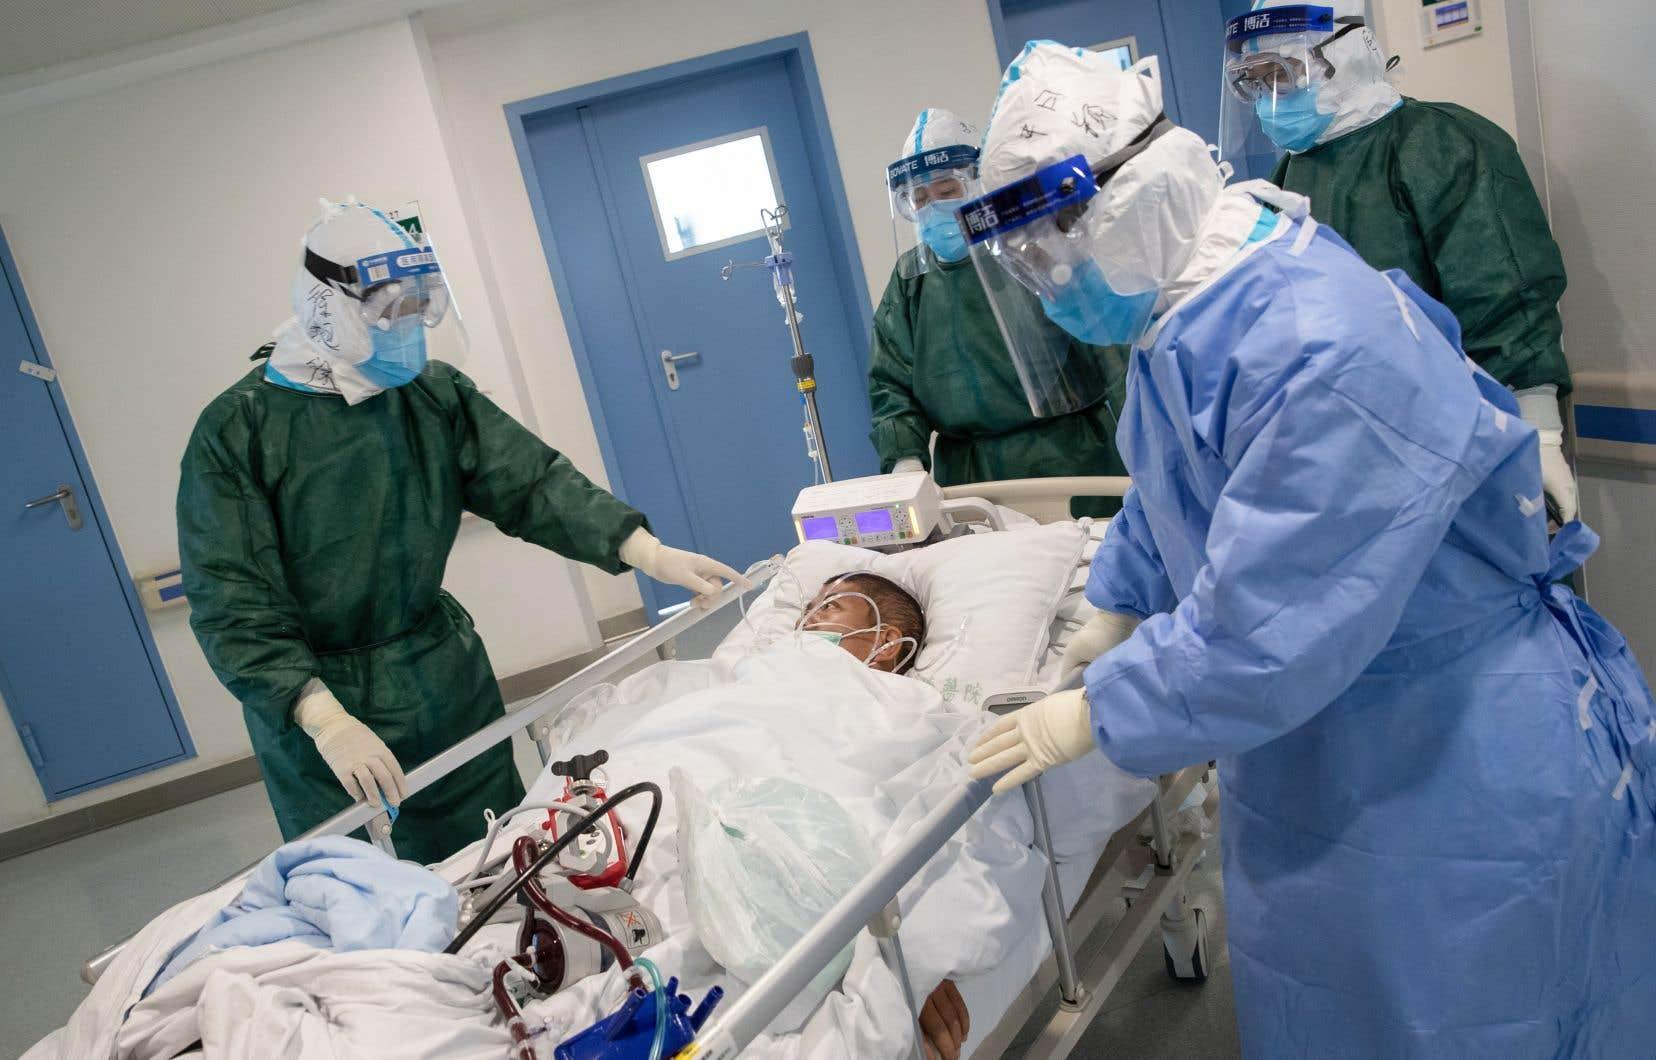 Dans les grandes villes de Chine, il y a des centres hospitaliers ultramodernes, mais les régions rurales ressemblent au Tiers-monde.